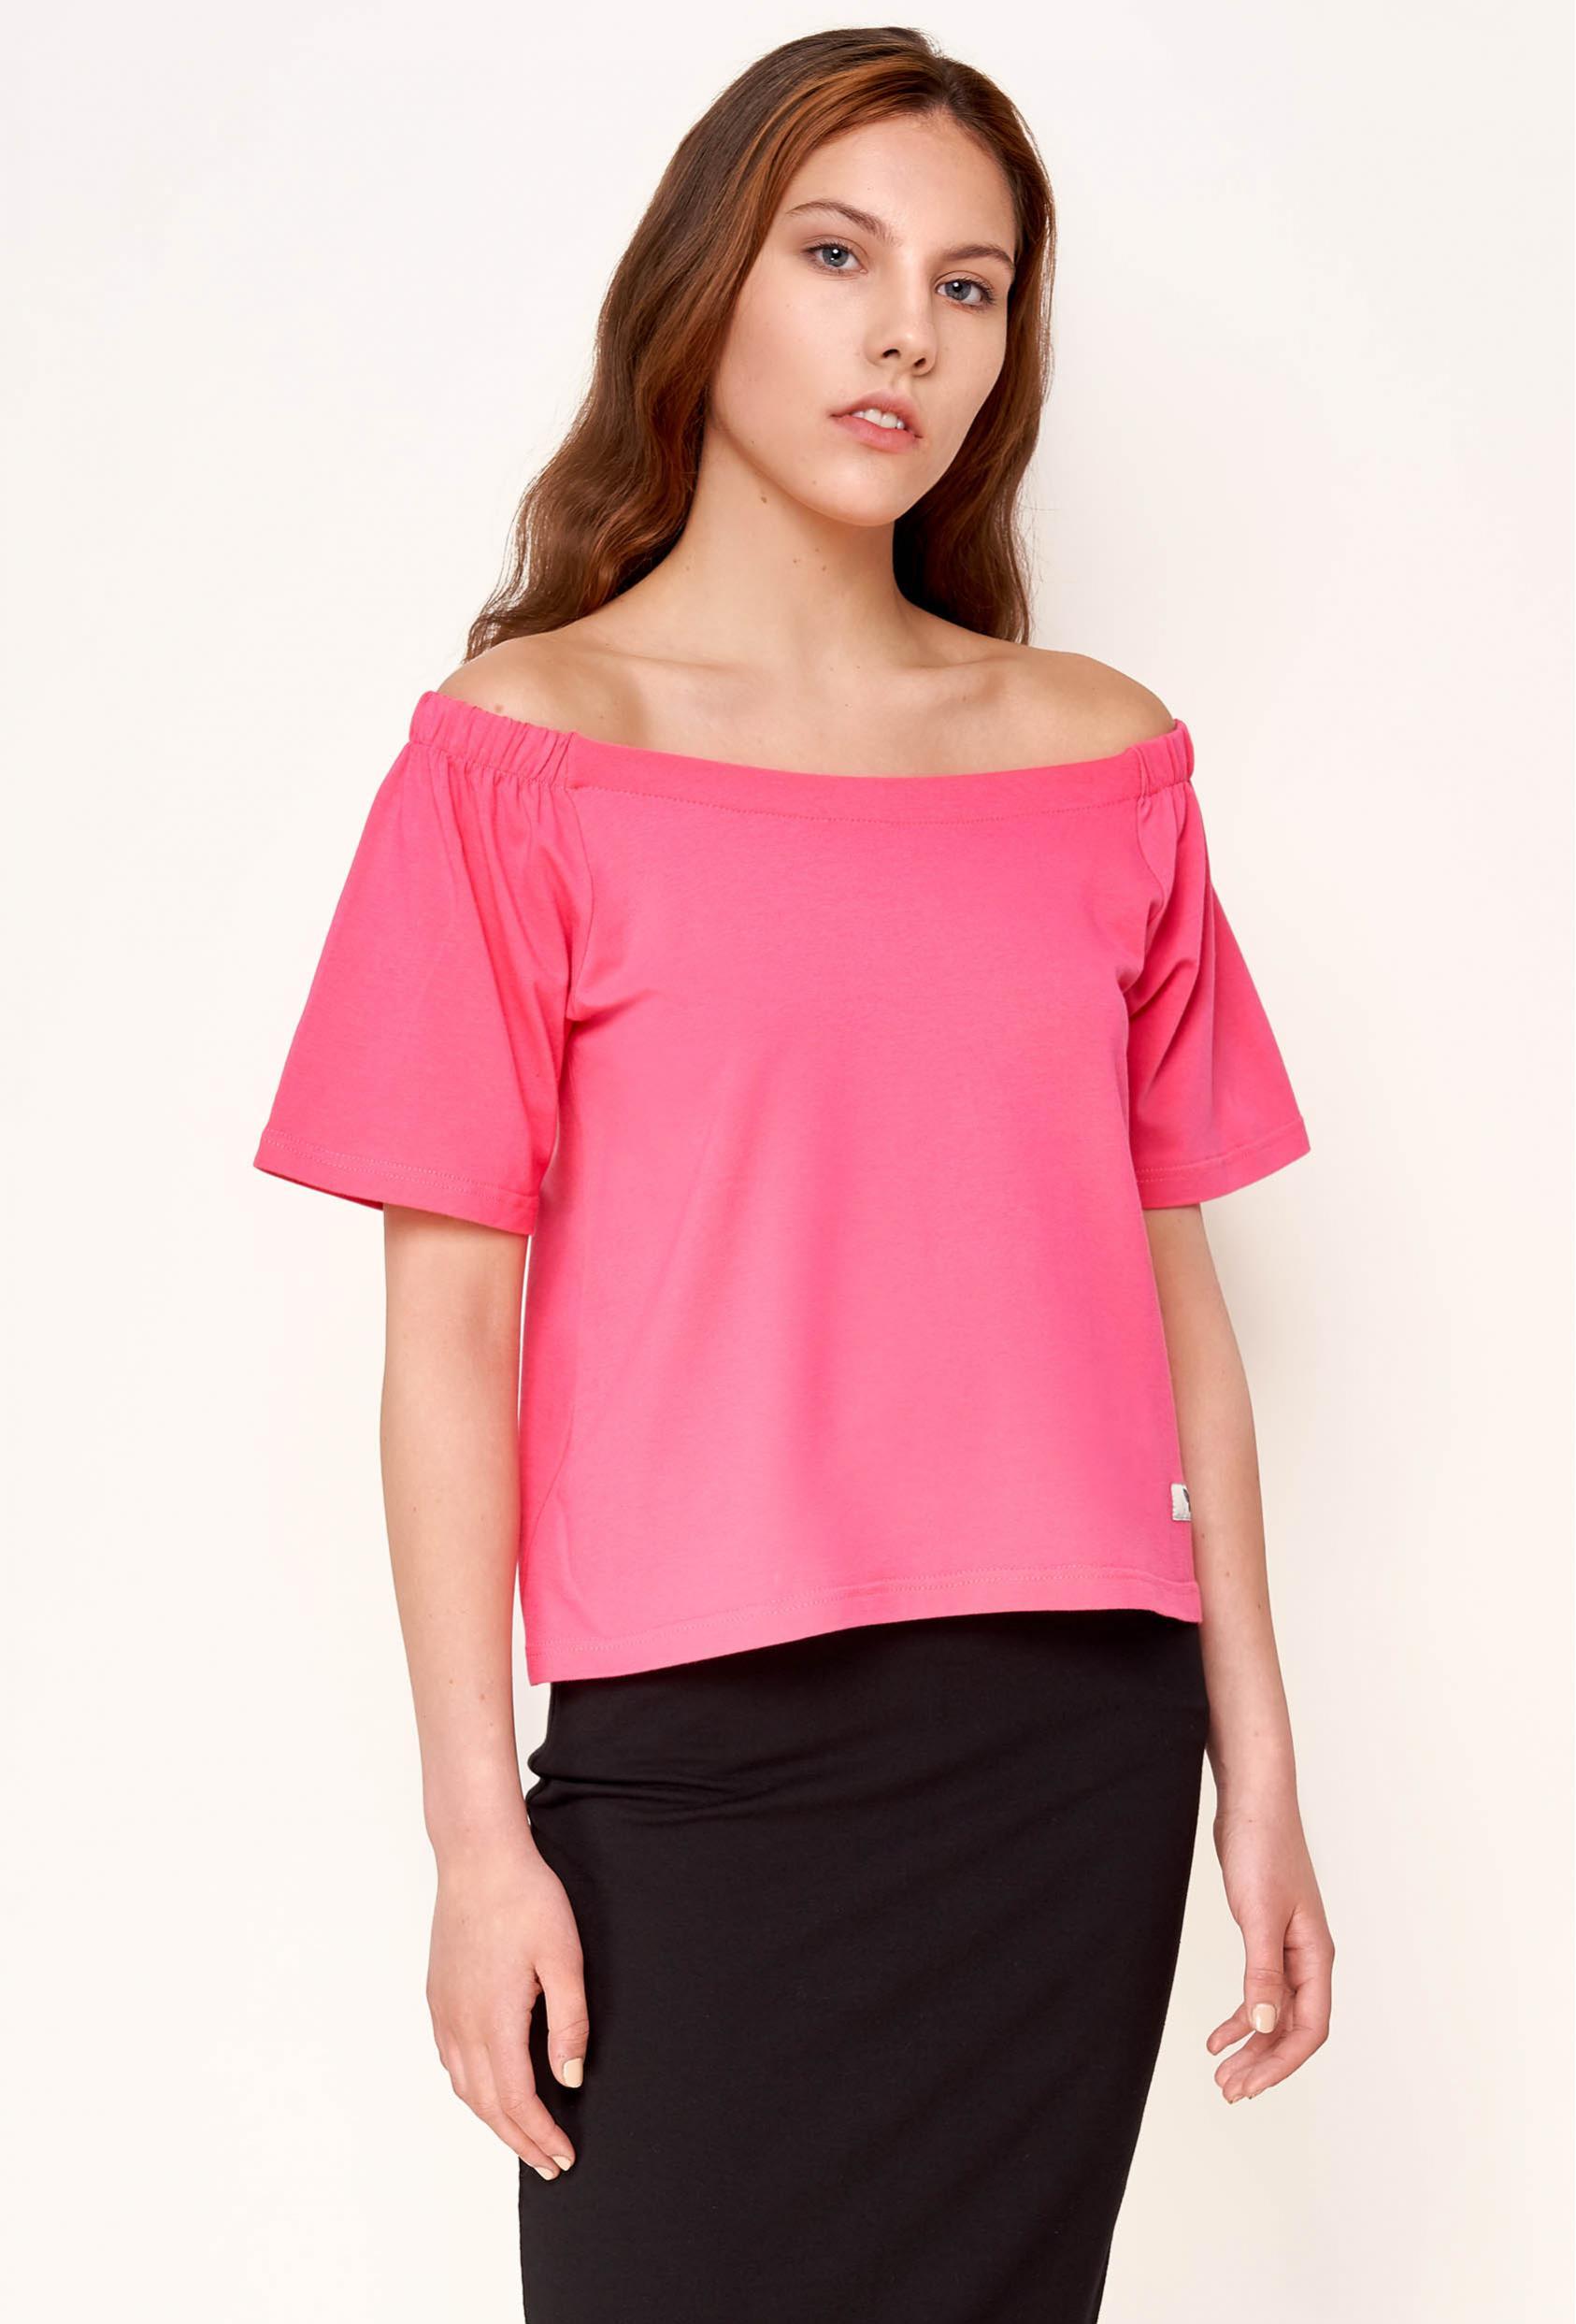 Bluzka z krótkim rękawem EVELYNE BLOUSE różowa